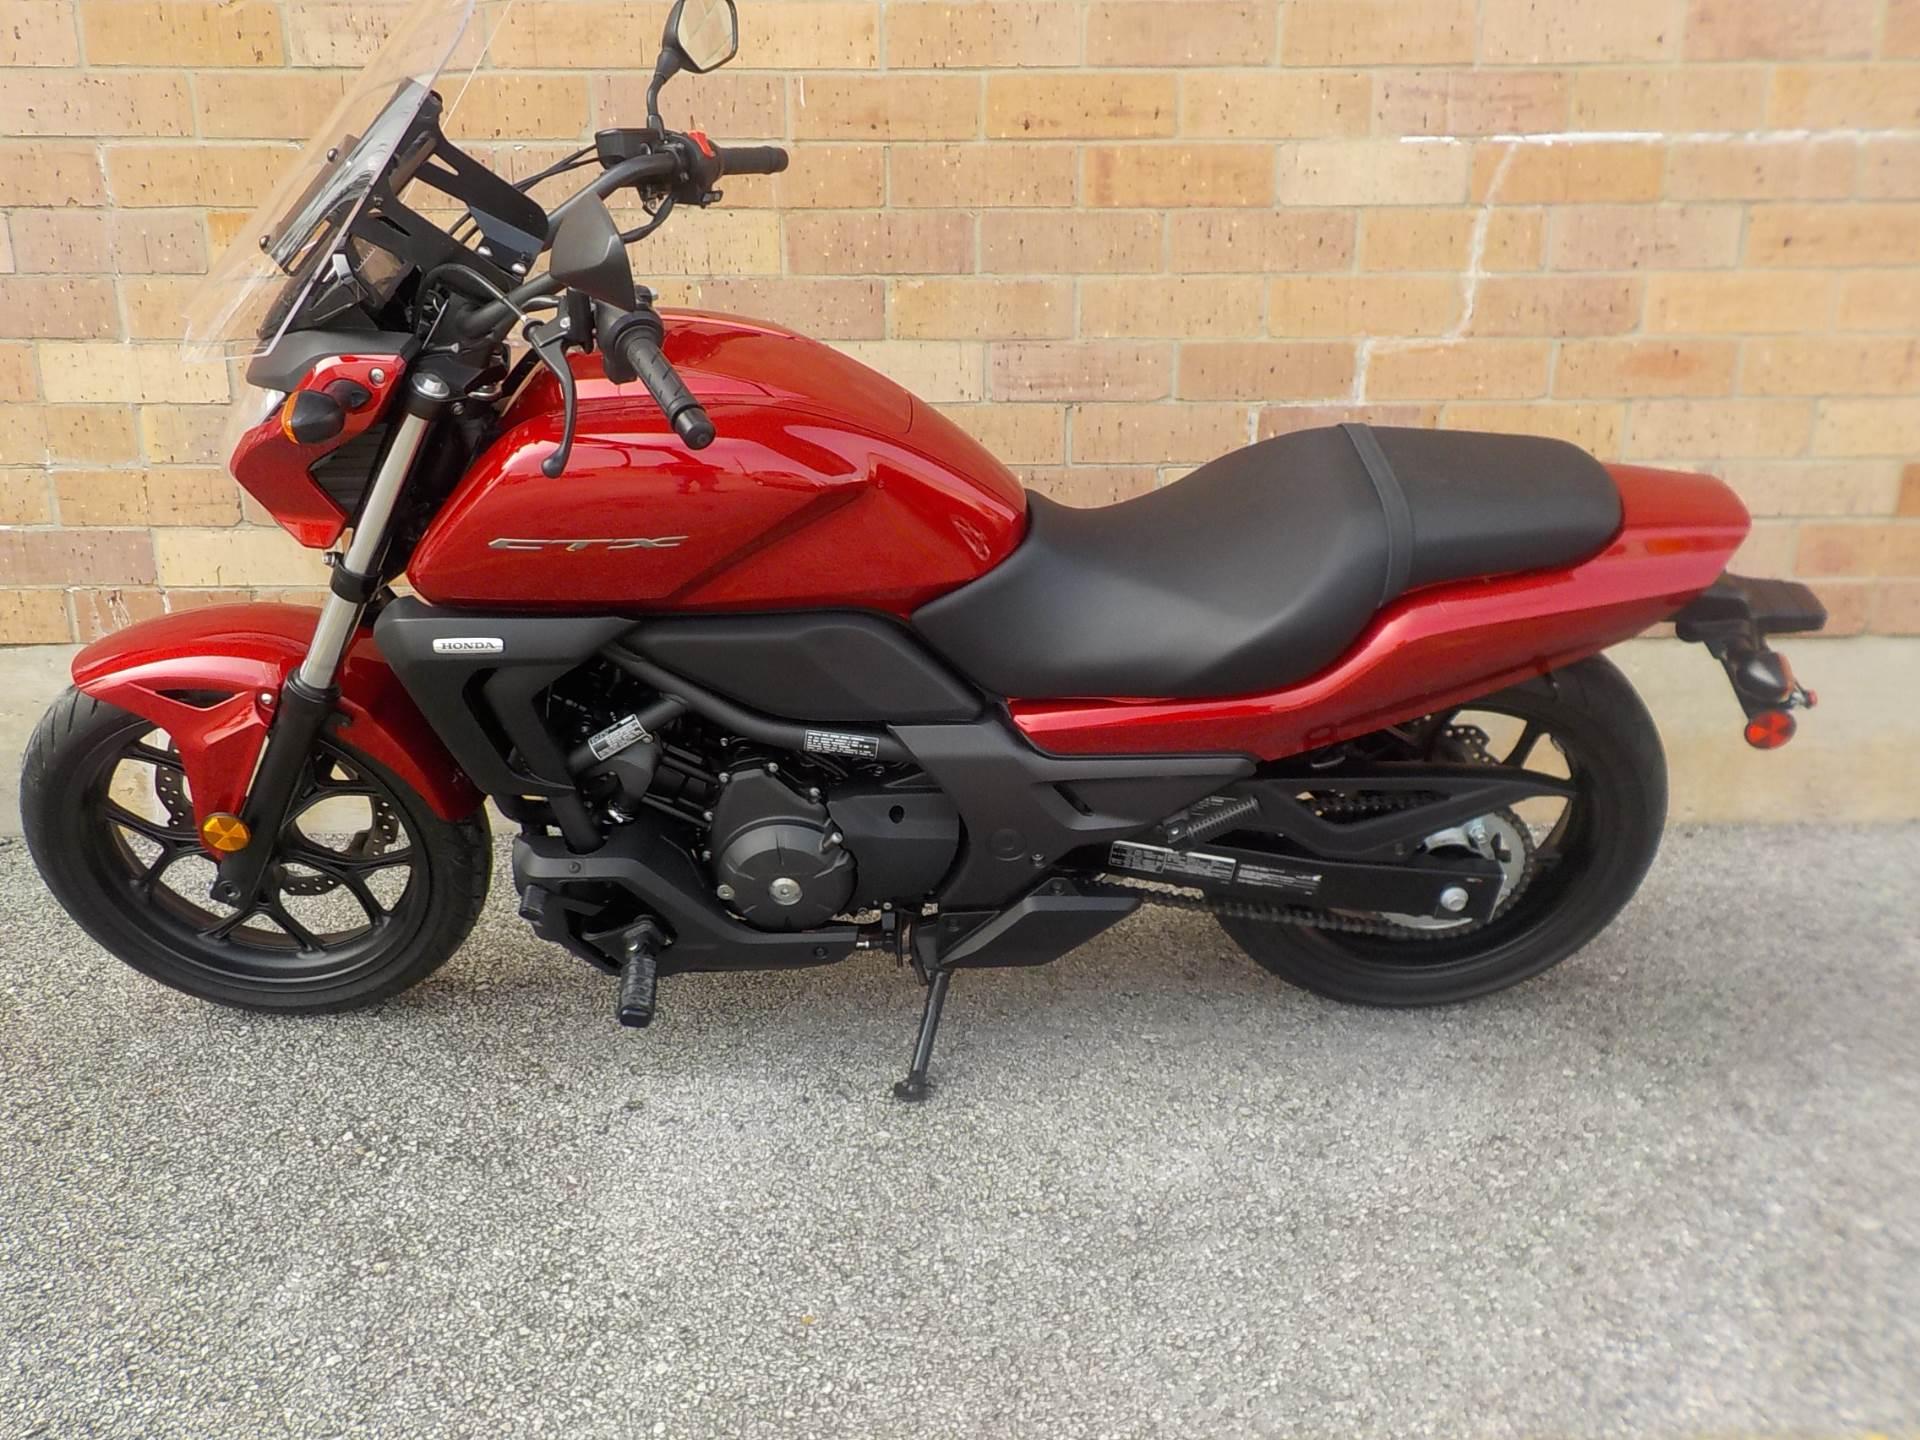 used 2014 honda ctx 700n motorcycles in san antonio tx stock number 729. Black Bedroom Furniture Sets. Home Design Ideas